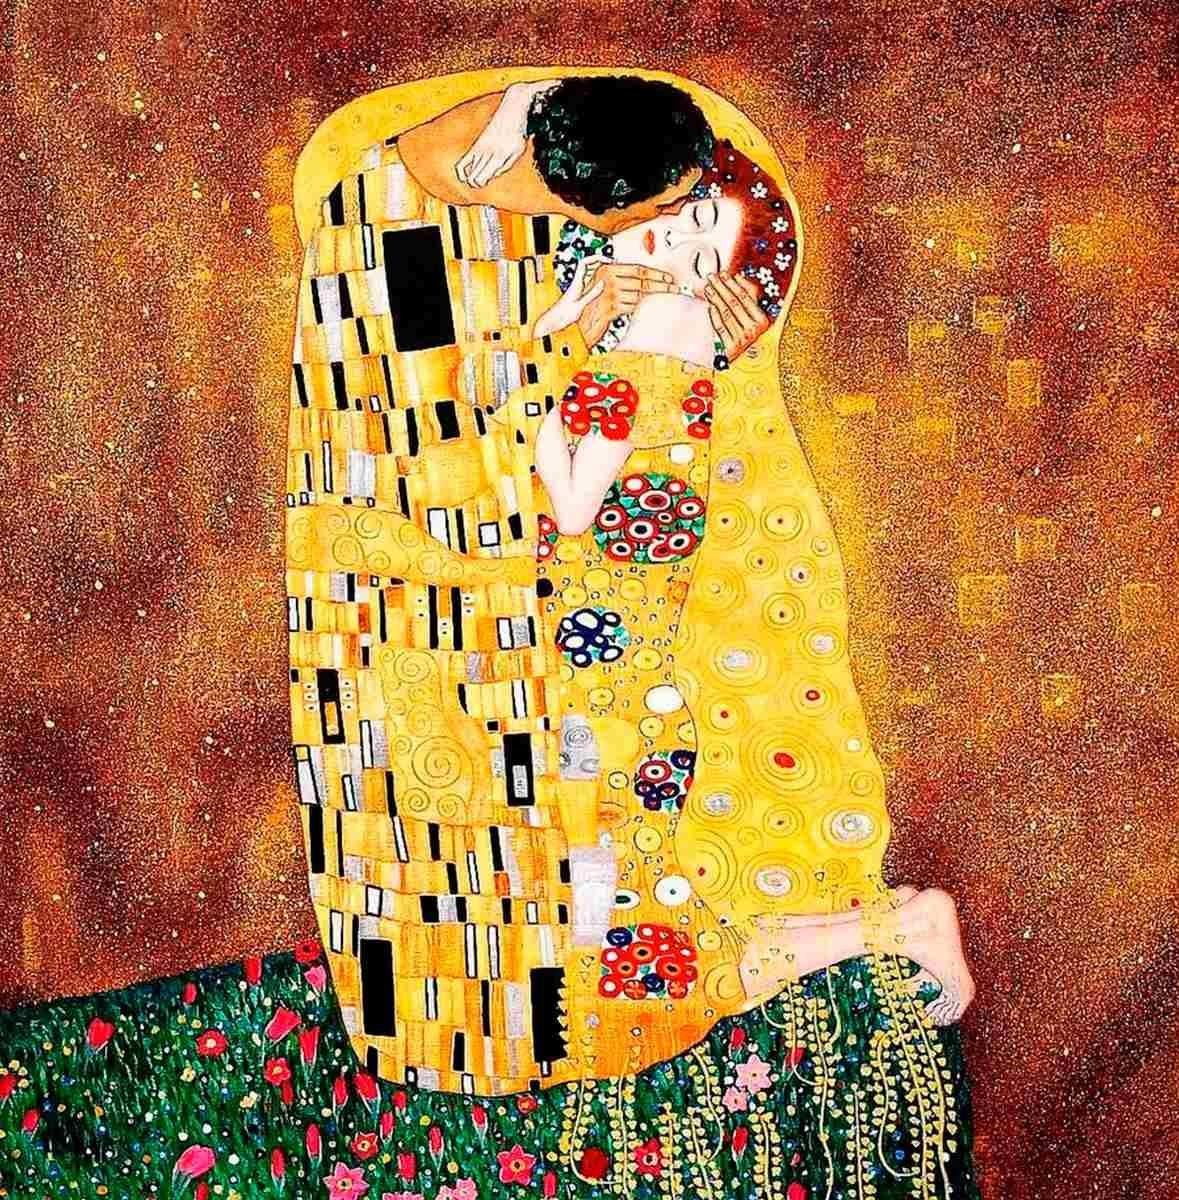 Significado De La Obra El Beso De Gustav Klimt Noesis